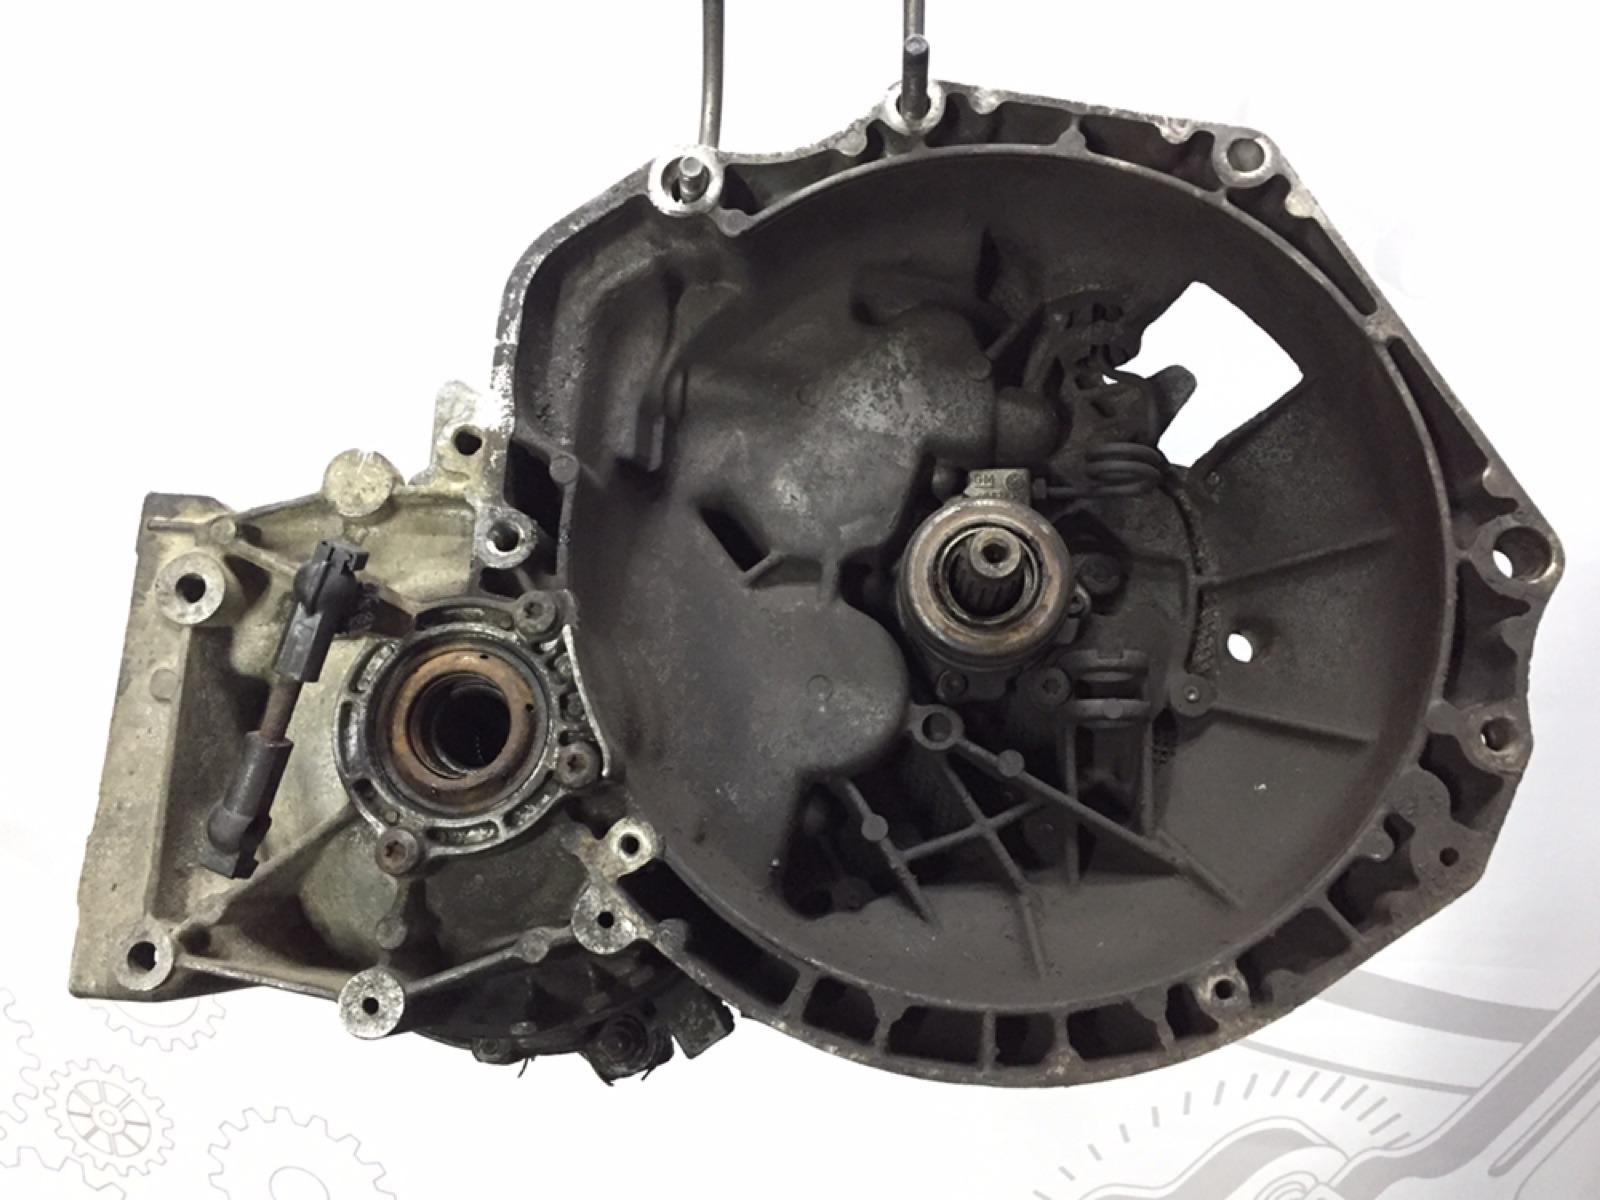 Кпп механическая (мкпп) Saab 9-3 2.3 I 1998 (б/у)